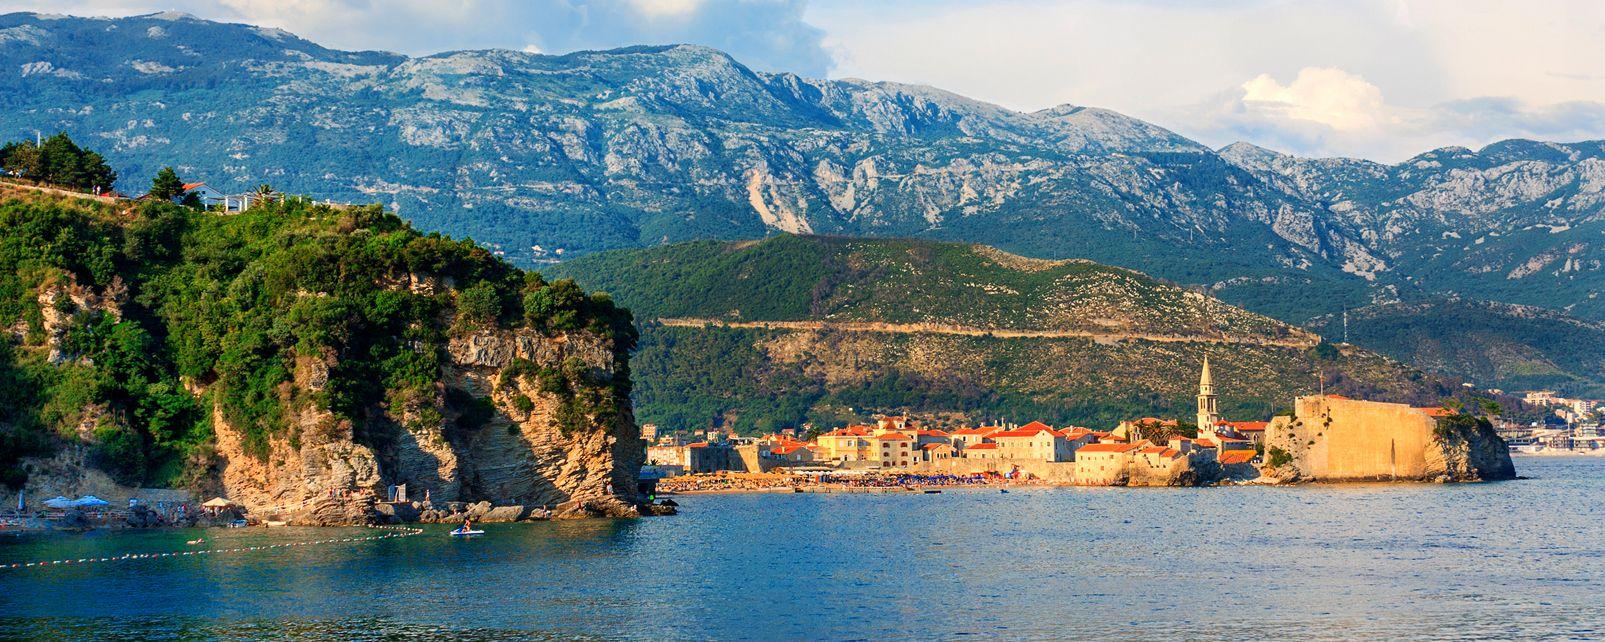 La côte Adriatique , Montenegro